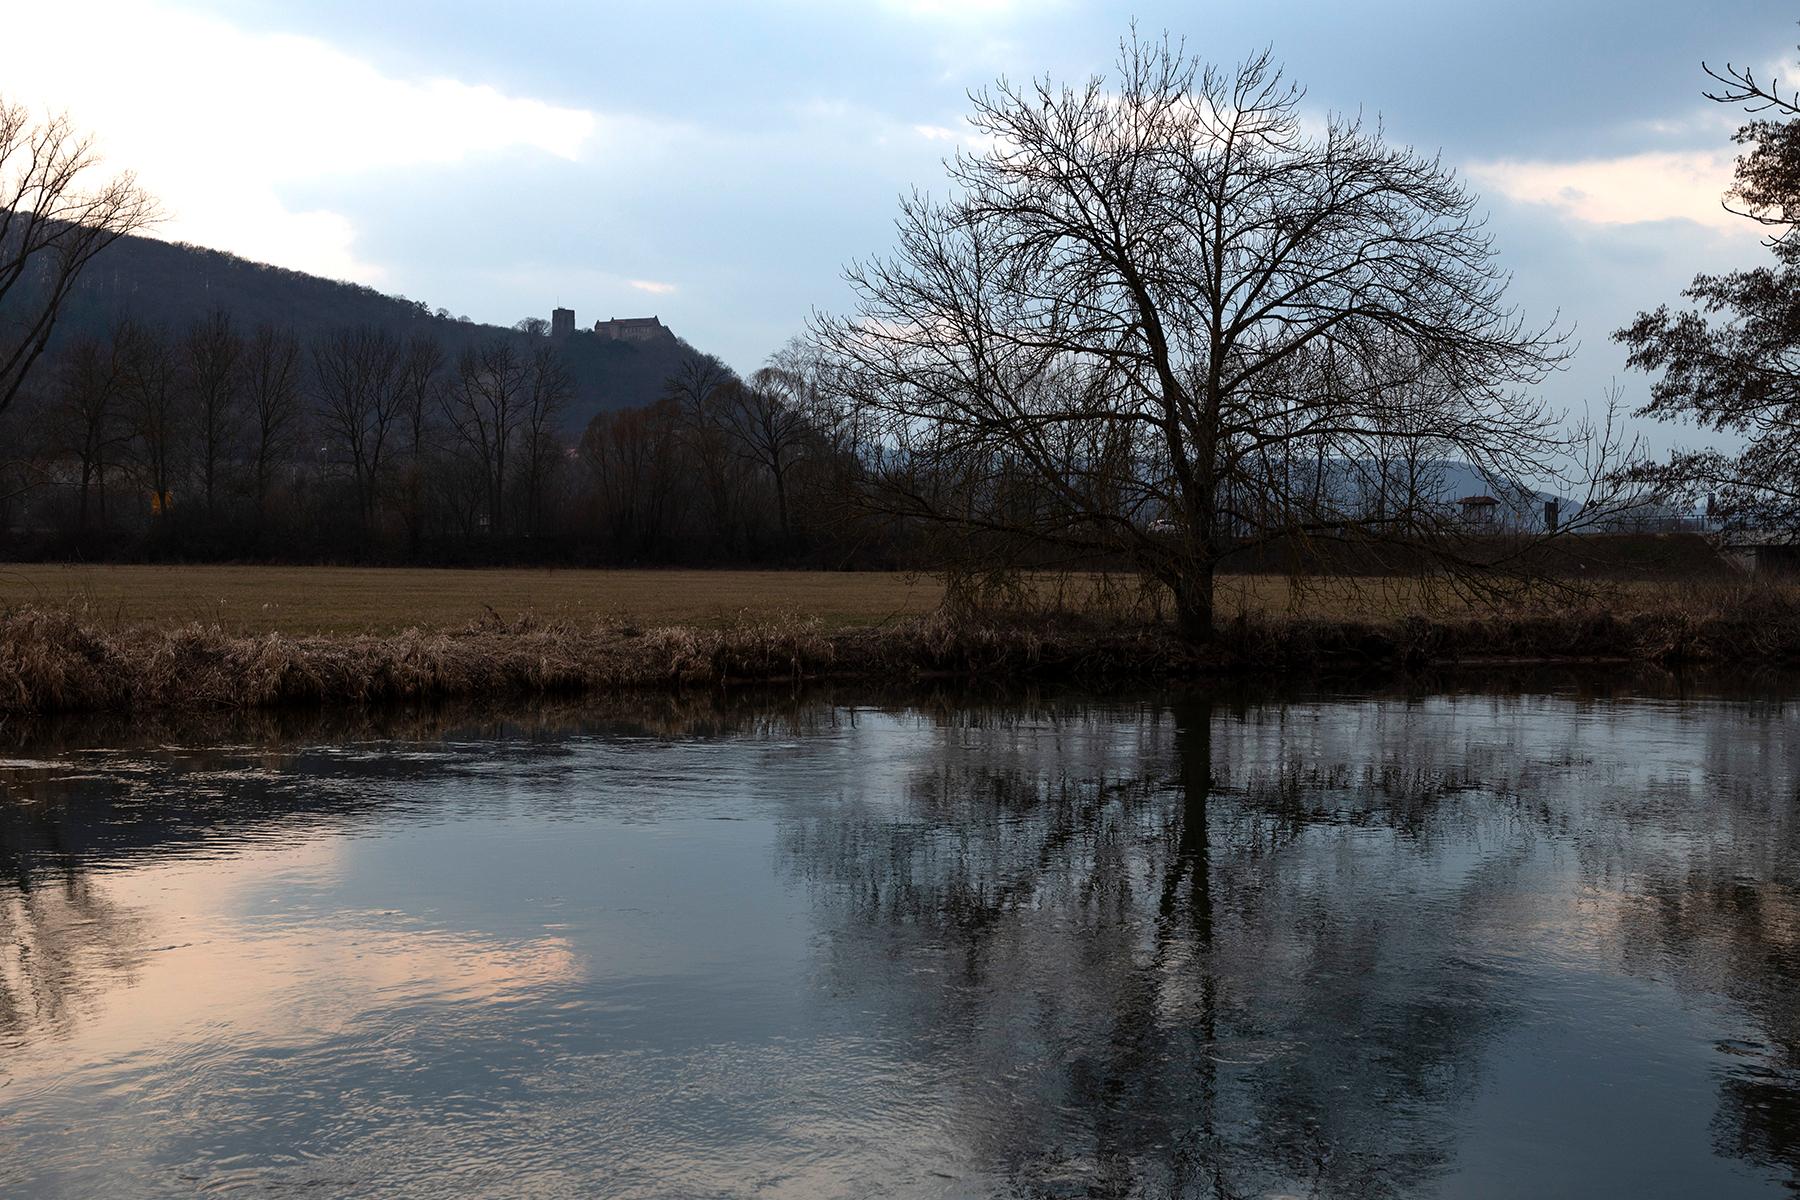 Blick auf Schloss Saaleck fotografiert mit Sigma 24-70 mm Arts